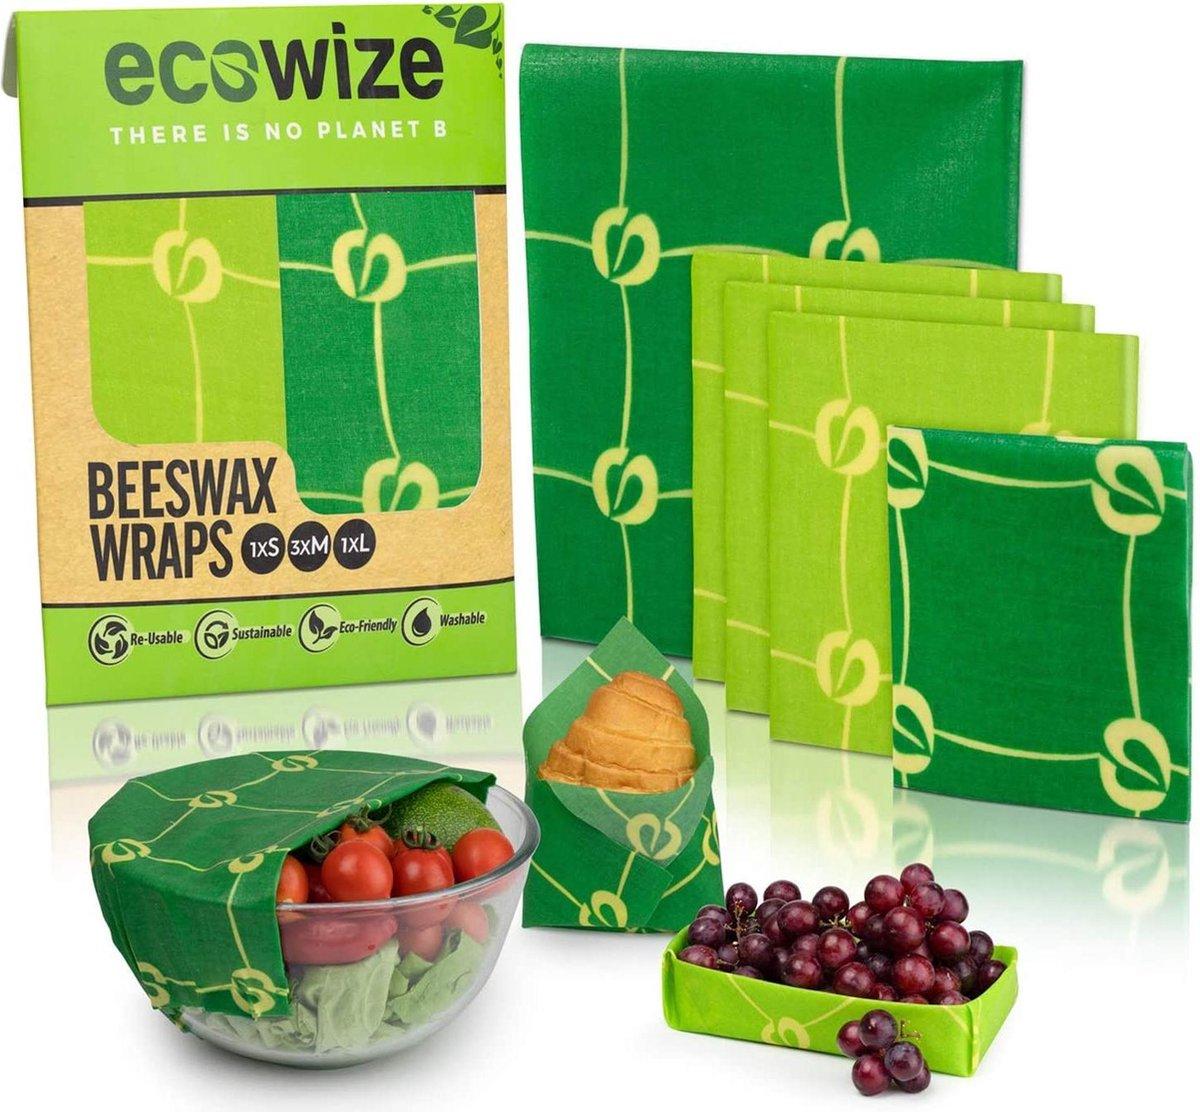 Bijenwas Wraps (Bijenwas Doek) - Set van 5 - 1S, 3M, 1L - Beeswax Wraps - Bee Wrap - Beewax - Bijenw